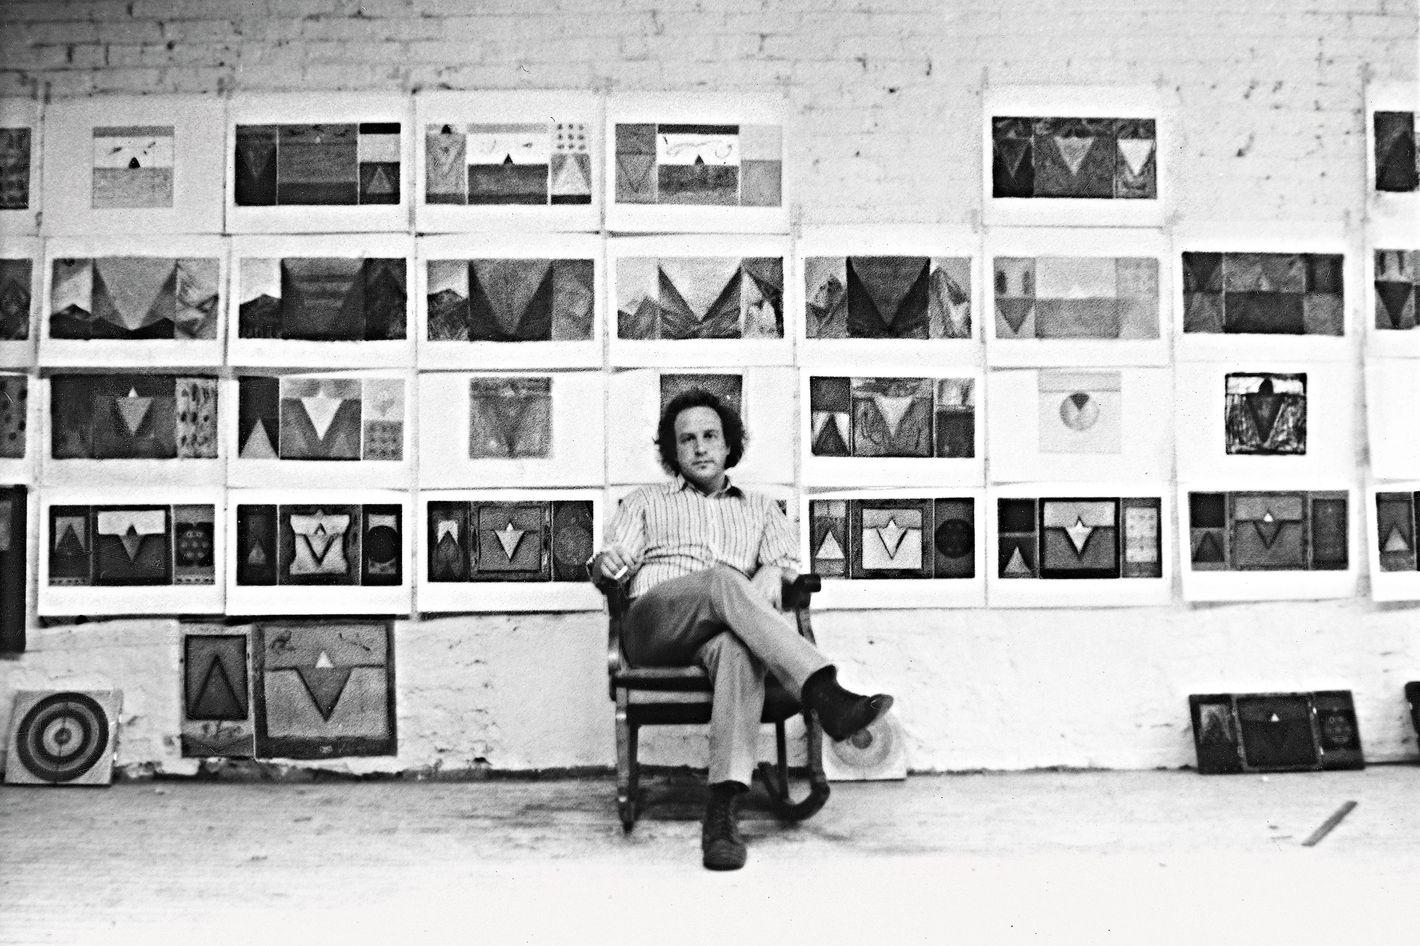 jerry saltz: my life as a failed artist